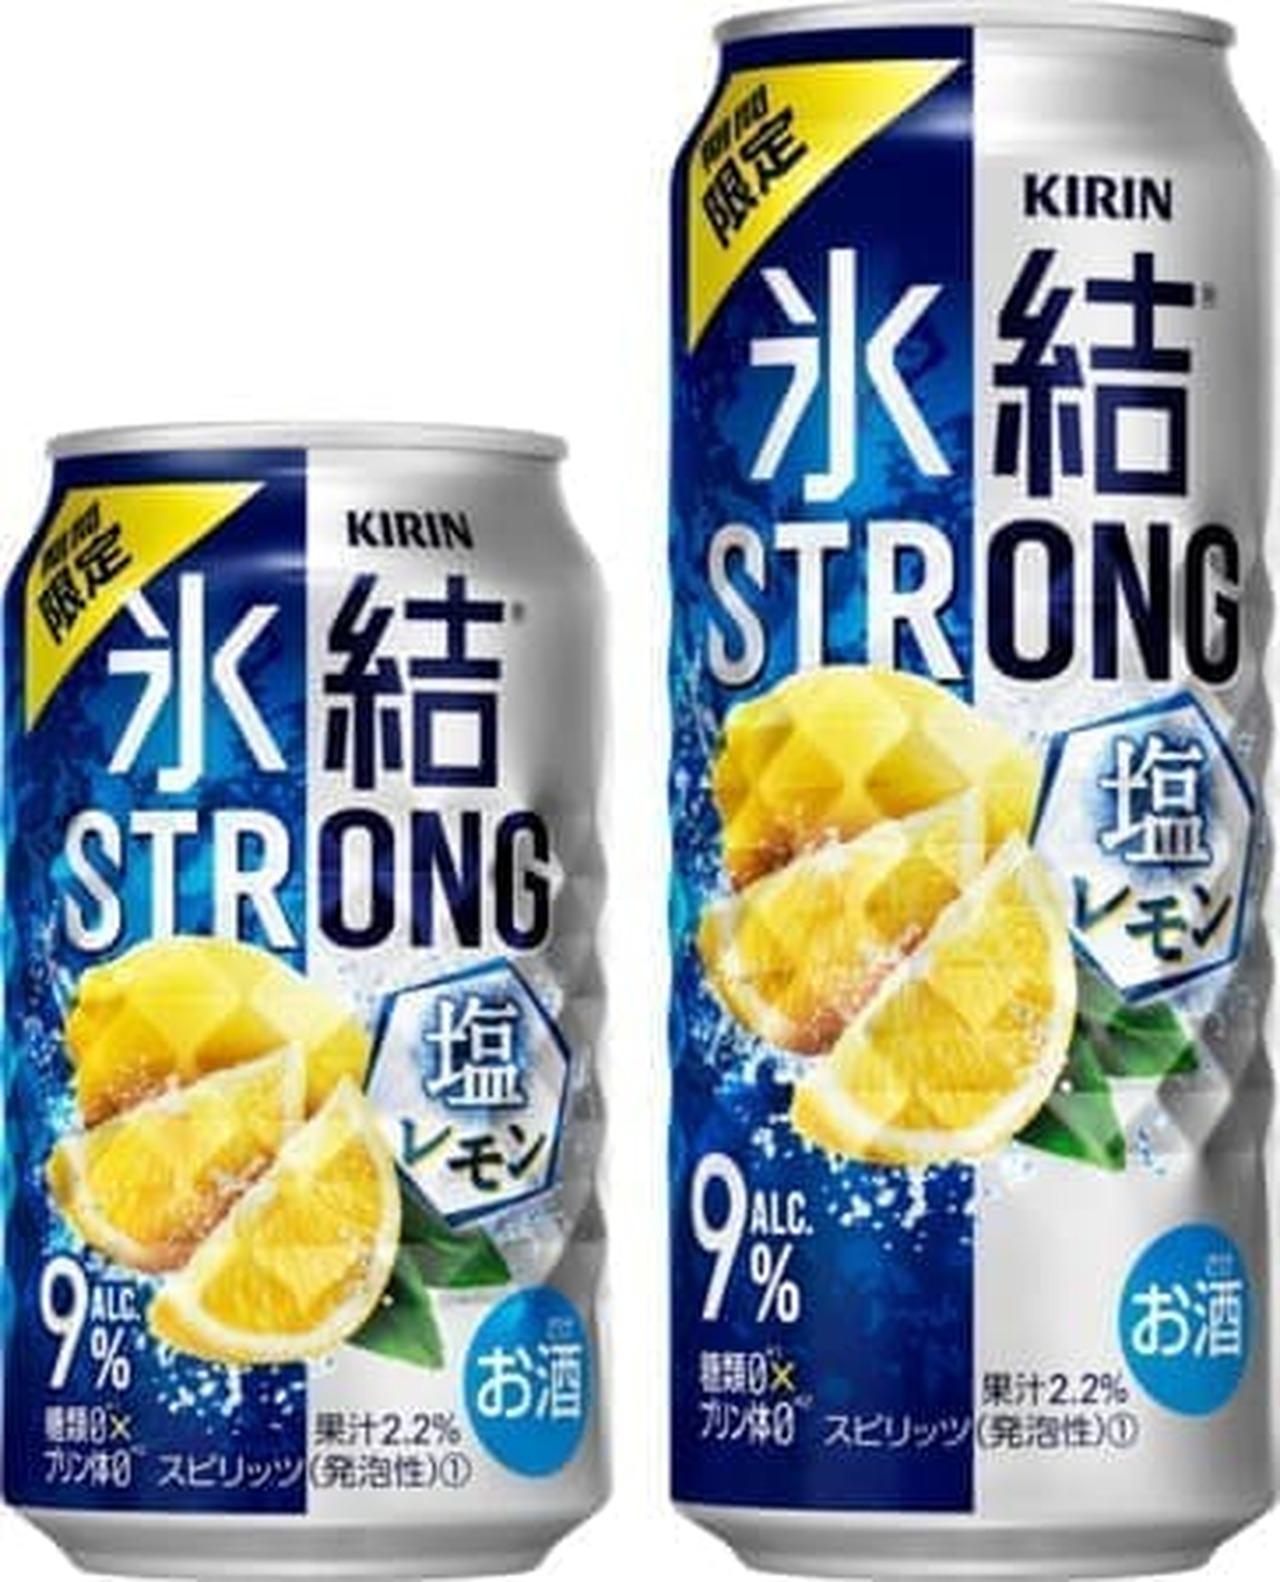 キリン 氷結ストロング 塩レモン(期間限定)